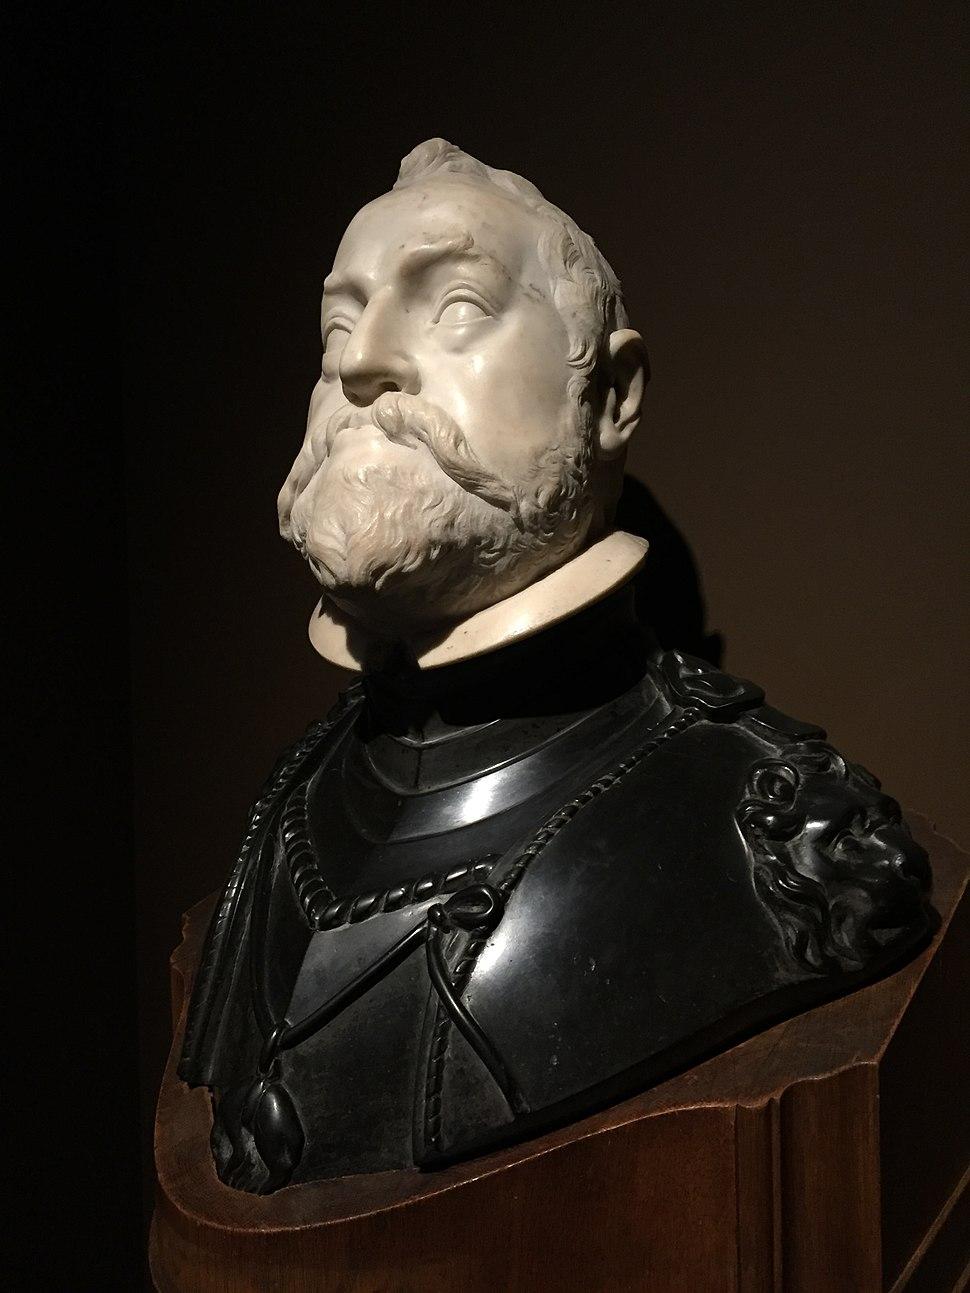 Portrait bust of Rudolf II, Holy Roman Emperor, Antwerp City Hall, Belgium - 20150629-03